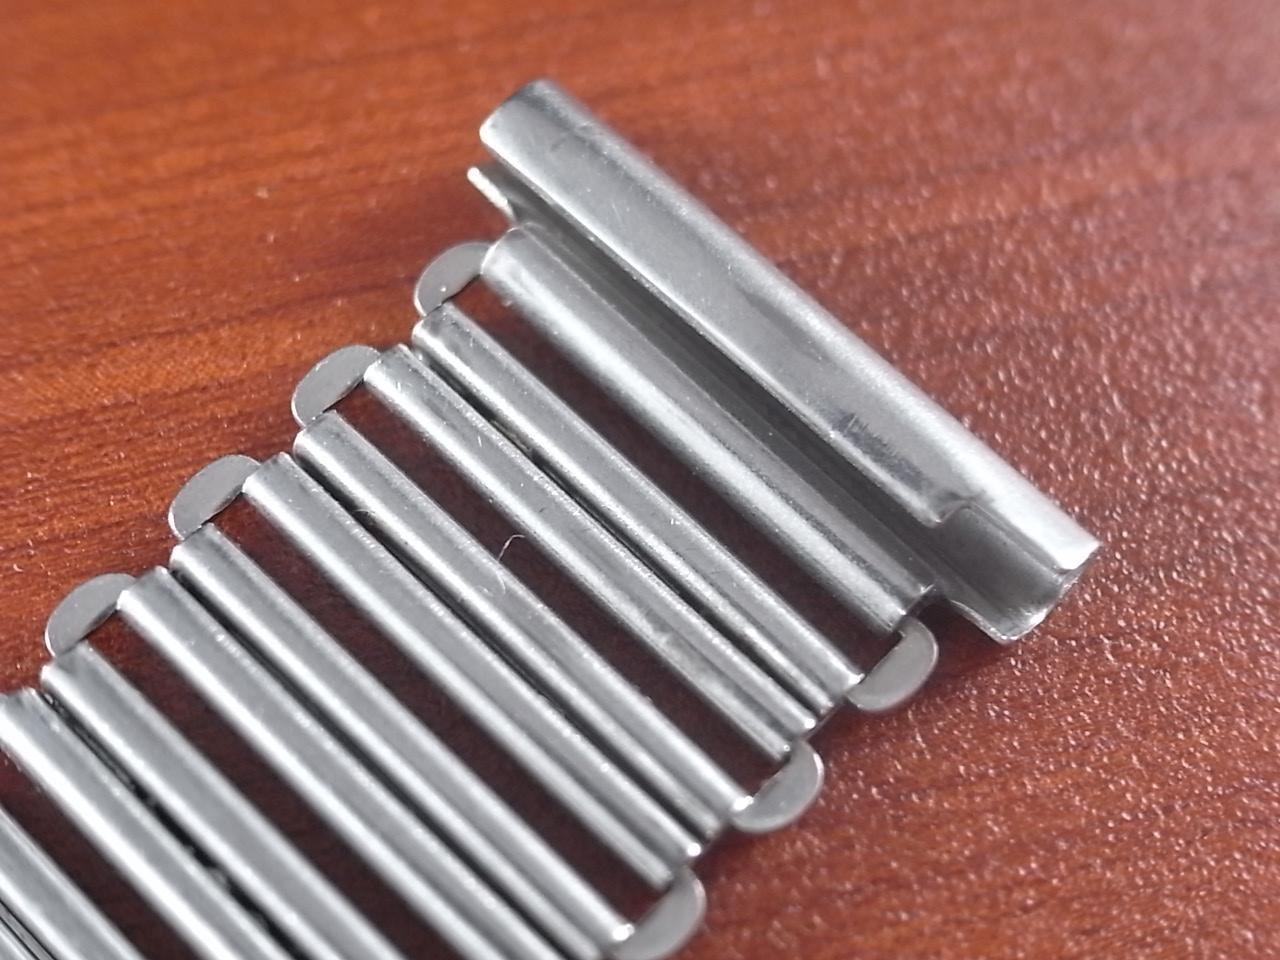 ボンクリップ バンブーブレス 筆記体ロゴ 幅広16mmタイプ 18mmの写真5枚目